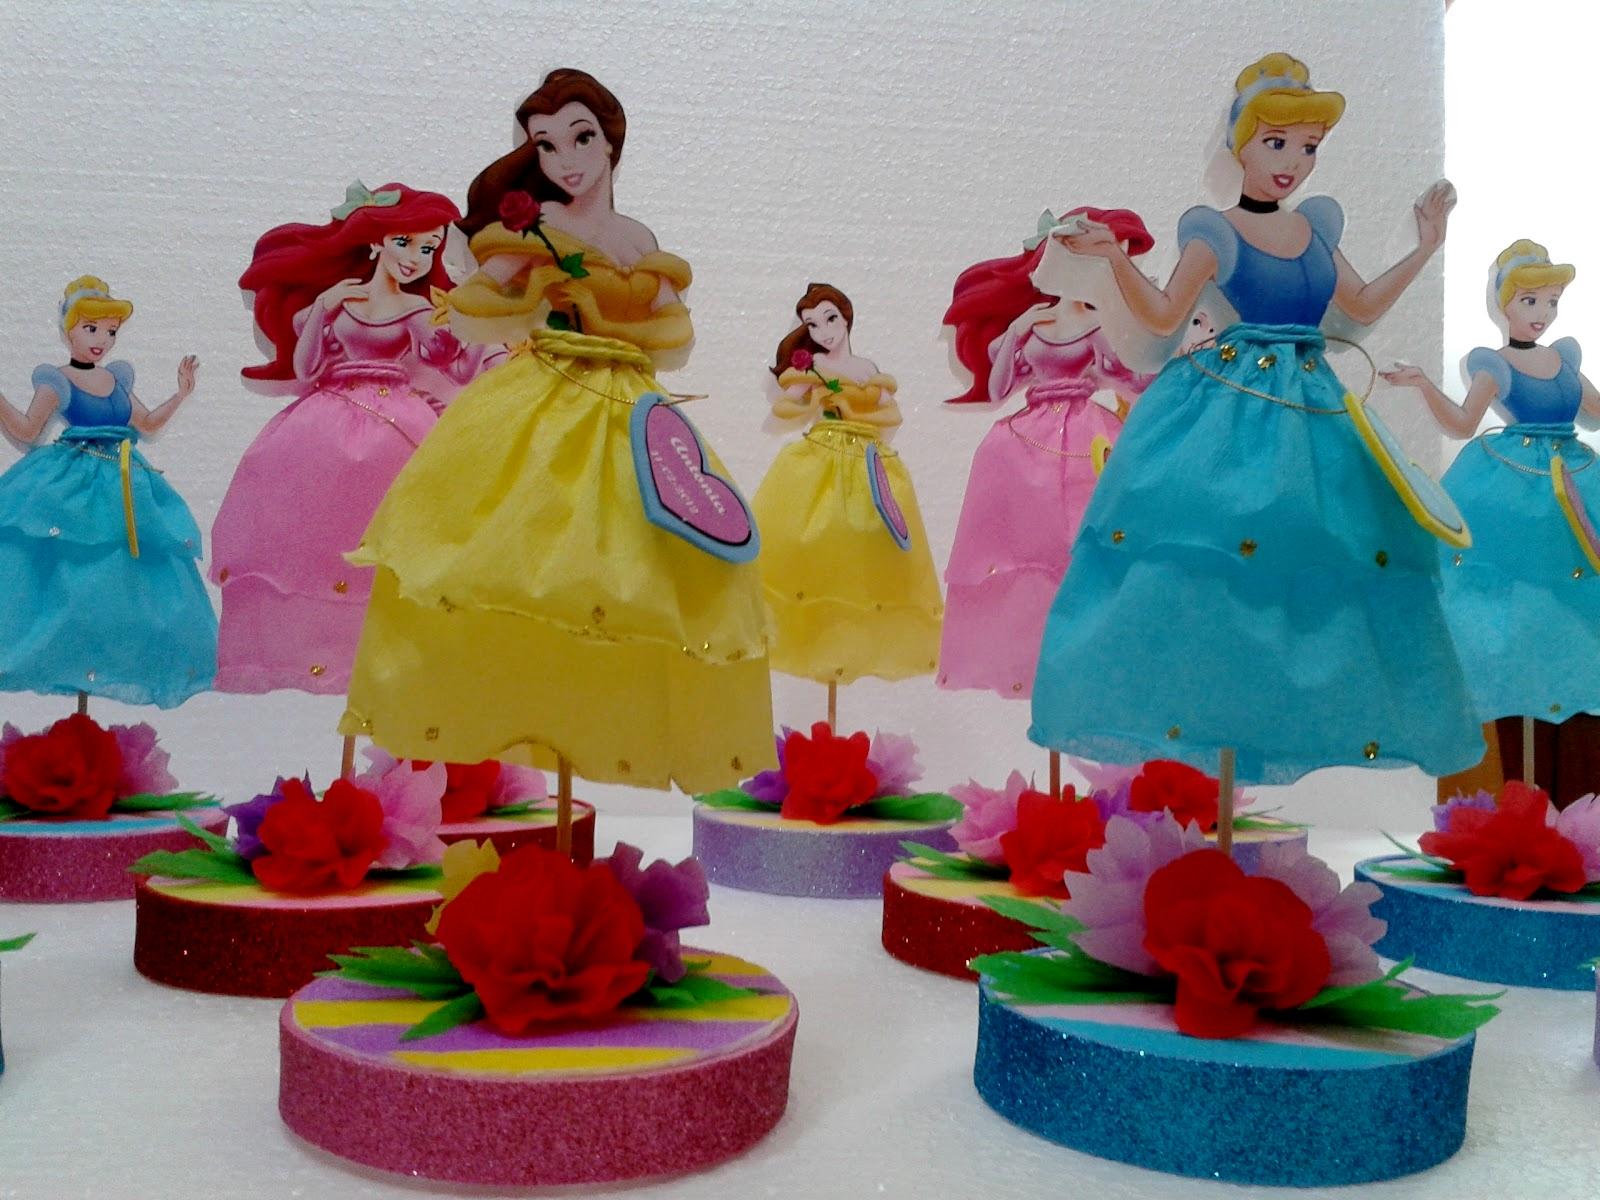 Centros de mesa infantiles con los personajes de disney - Mesas infantiles disney ...